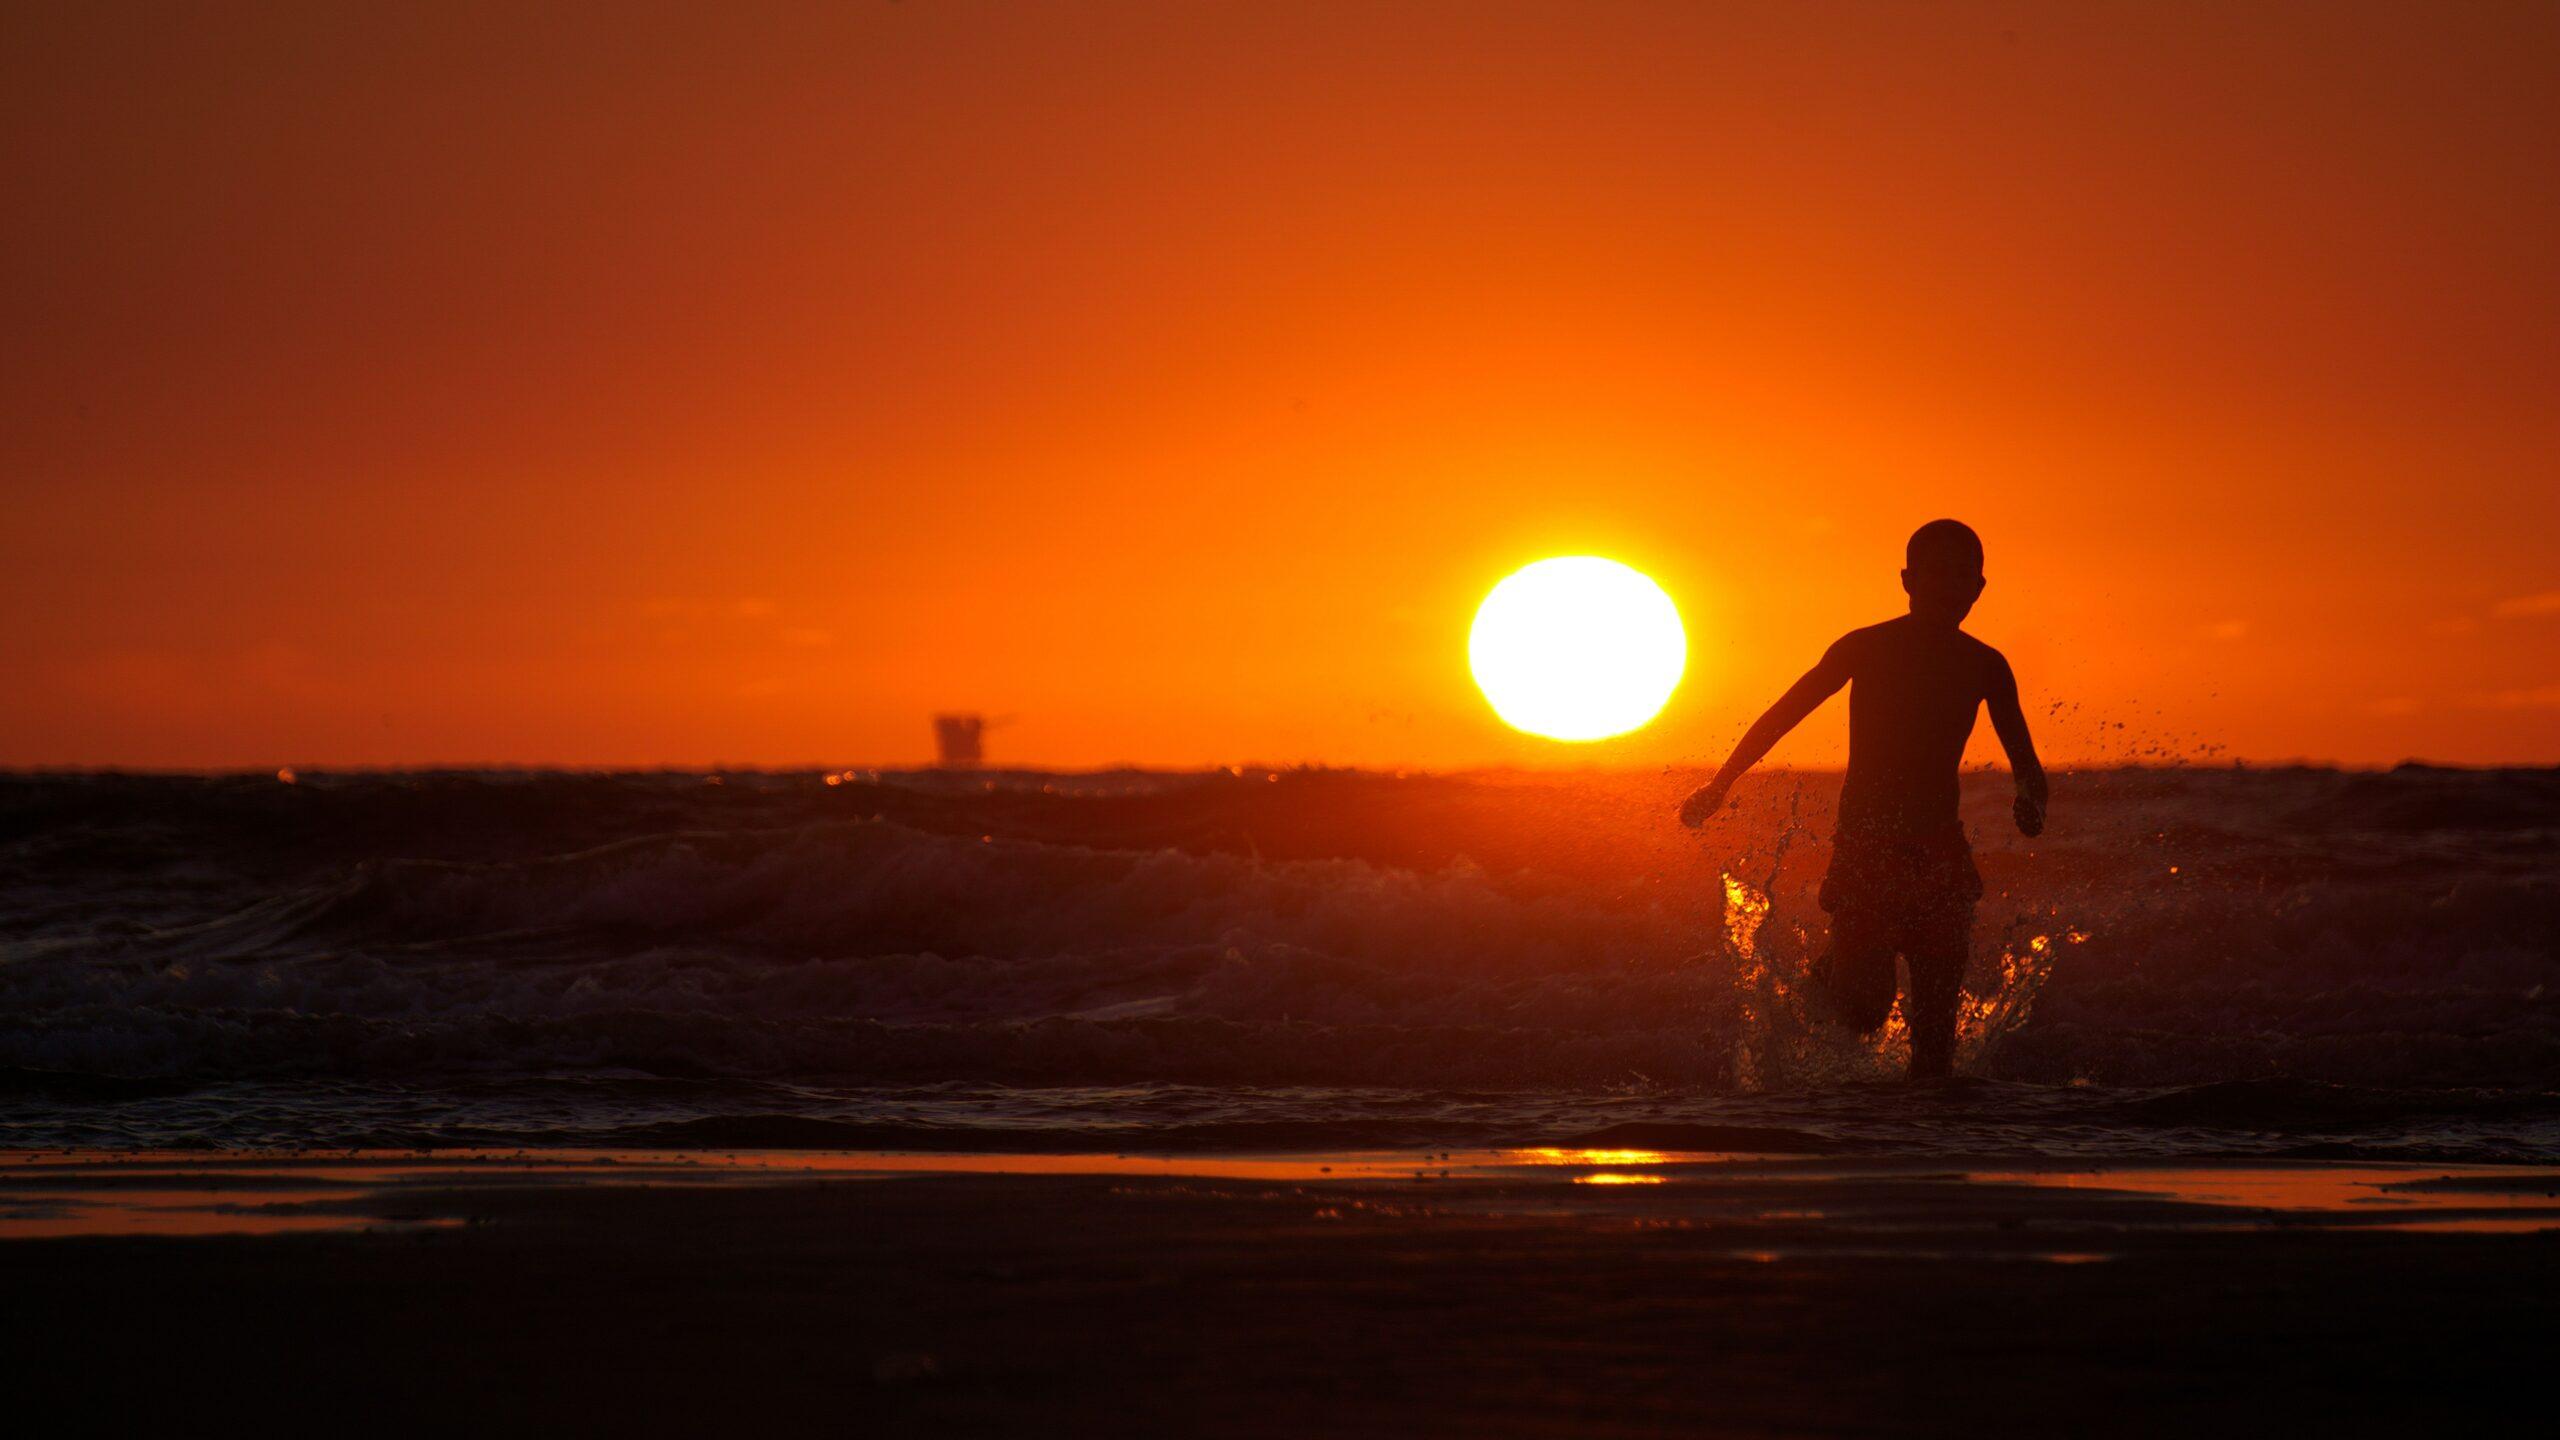 Ein Kind läuft vor einem Sonnenuntergang ins Meer.